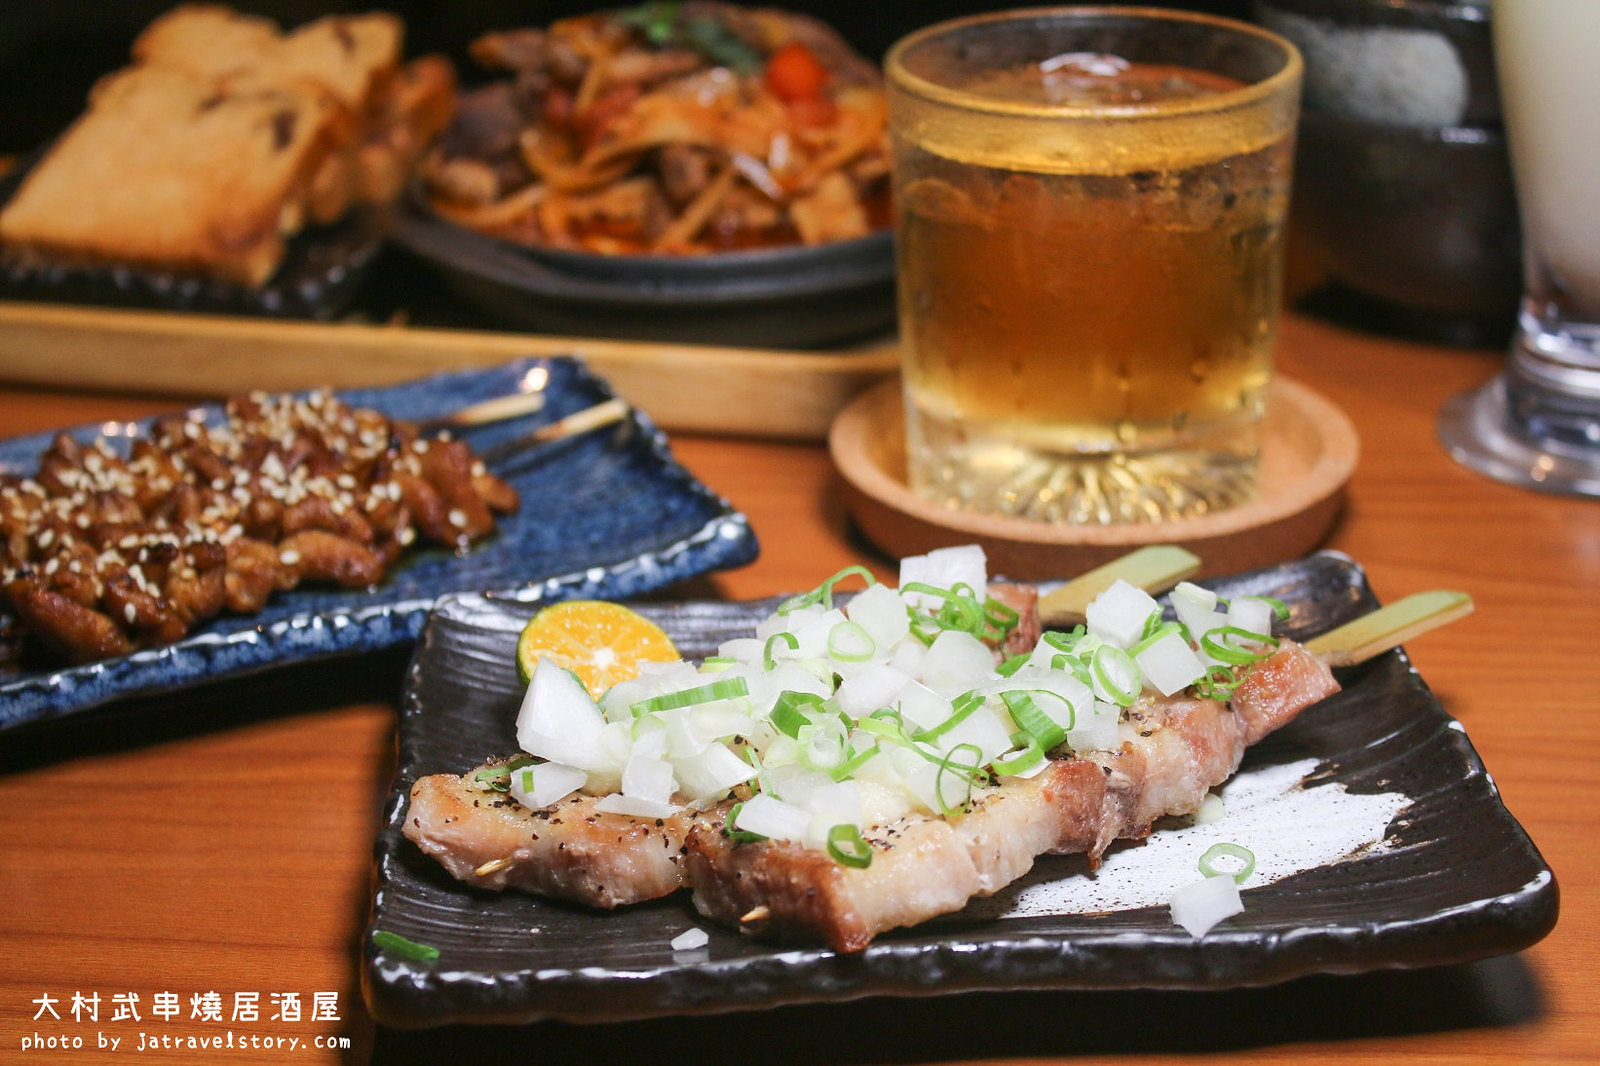 最新推播訊息:周末的夜晚吃個串燒、來個梅酒喝到飽吧!